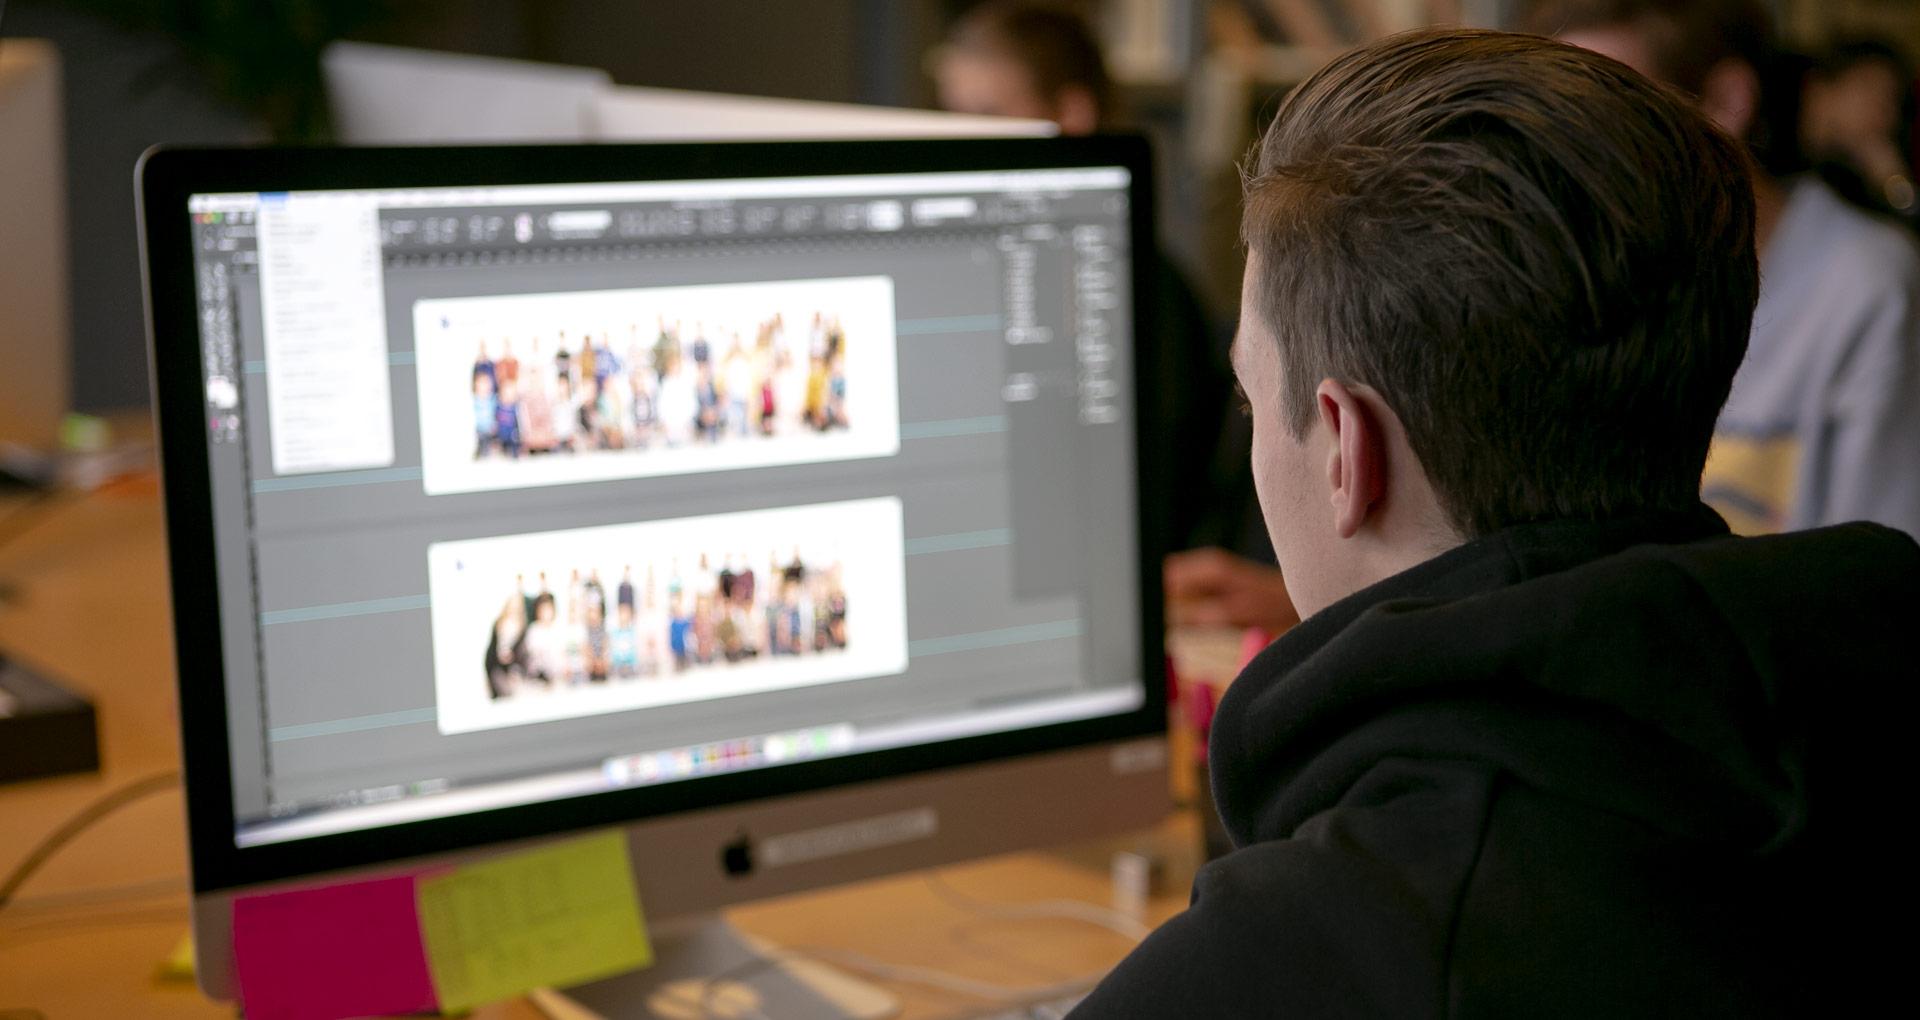 Schoolfotografie & privacy